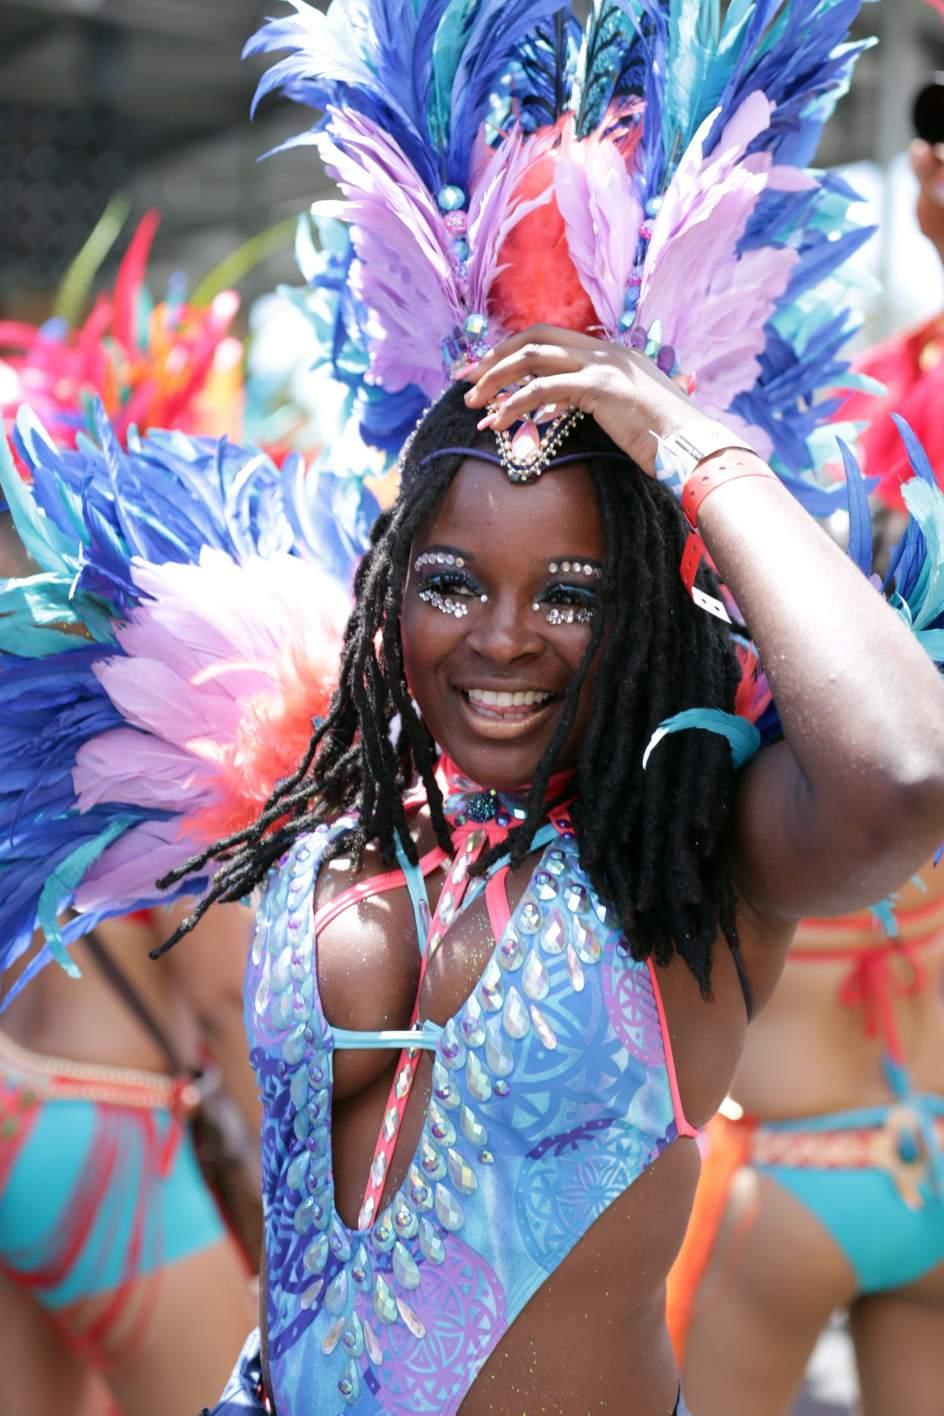 Carnaval de Trinidad y Tobago. Una integrante de Island People's 2015 presentation Celebration participa en el desfile, durante la celebración del Carnaval de Trinidad y Tobago en el Queen's Park Savannah, en Puerto España (Trinidad y Tobago).